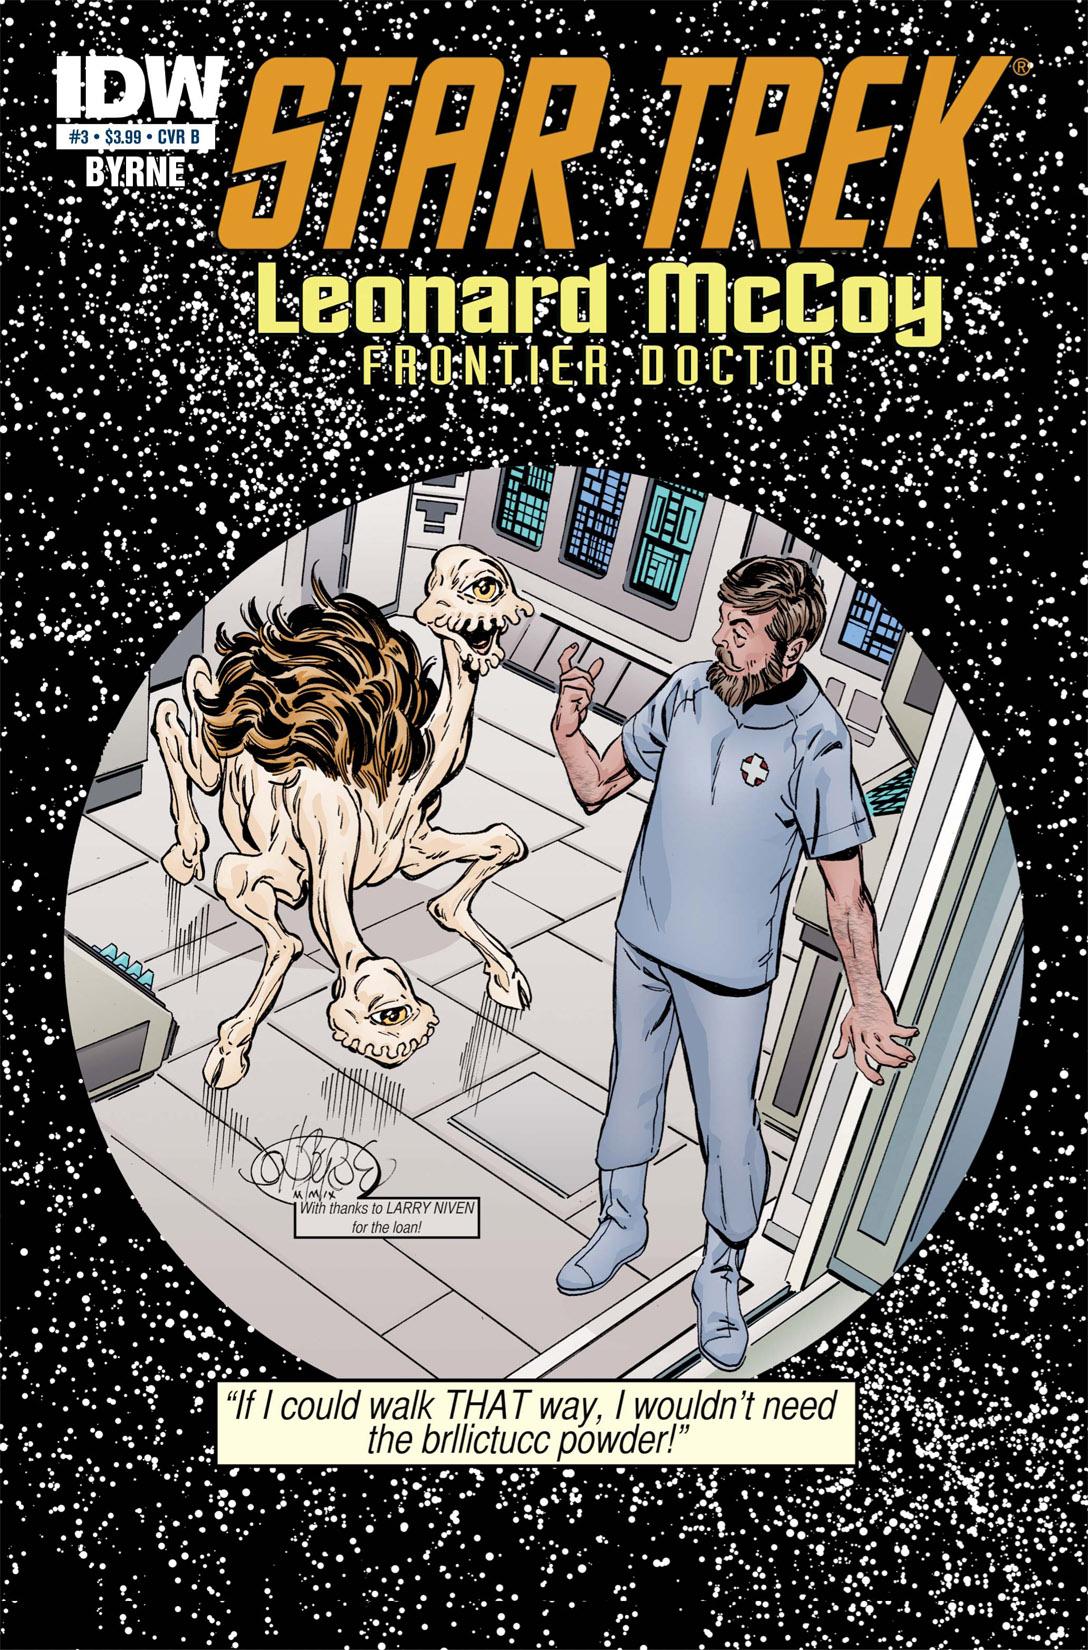 Read online Star Trek: Leonard McCoy, Frontier Doctor comic -  Issue #3 - 2